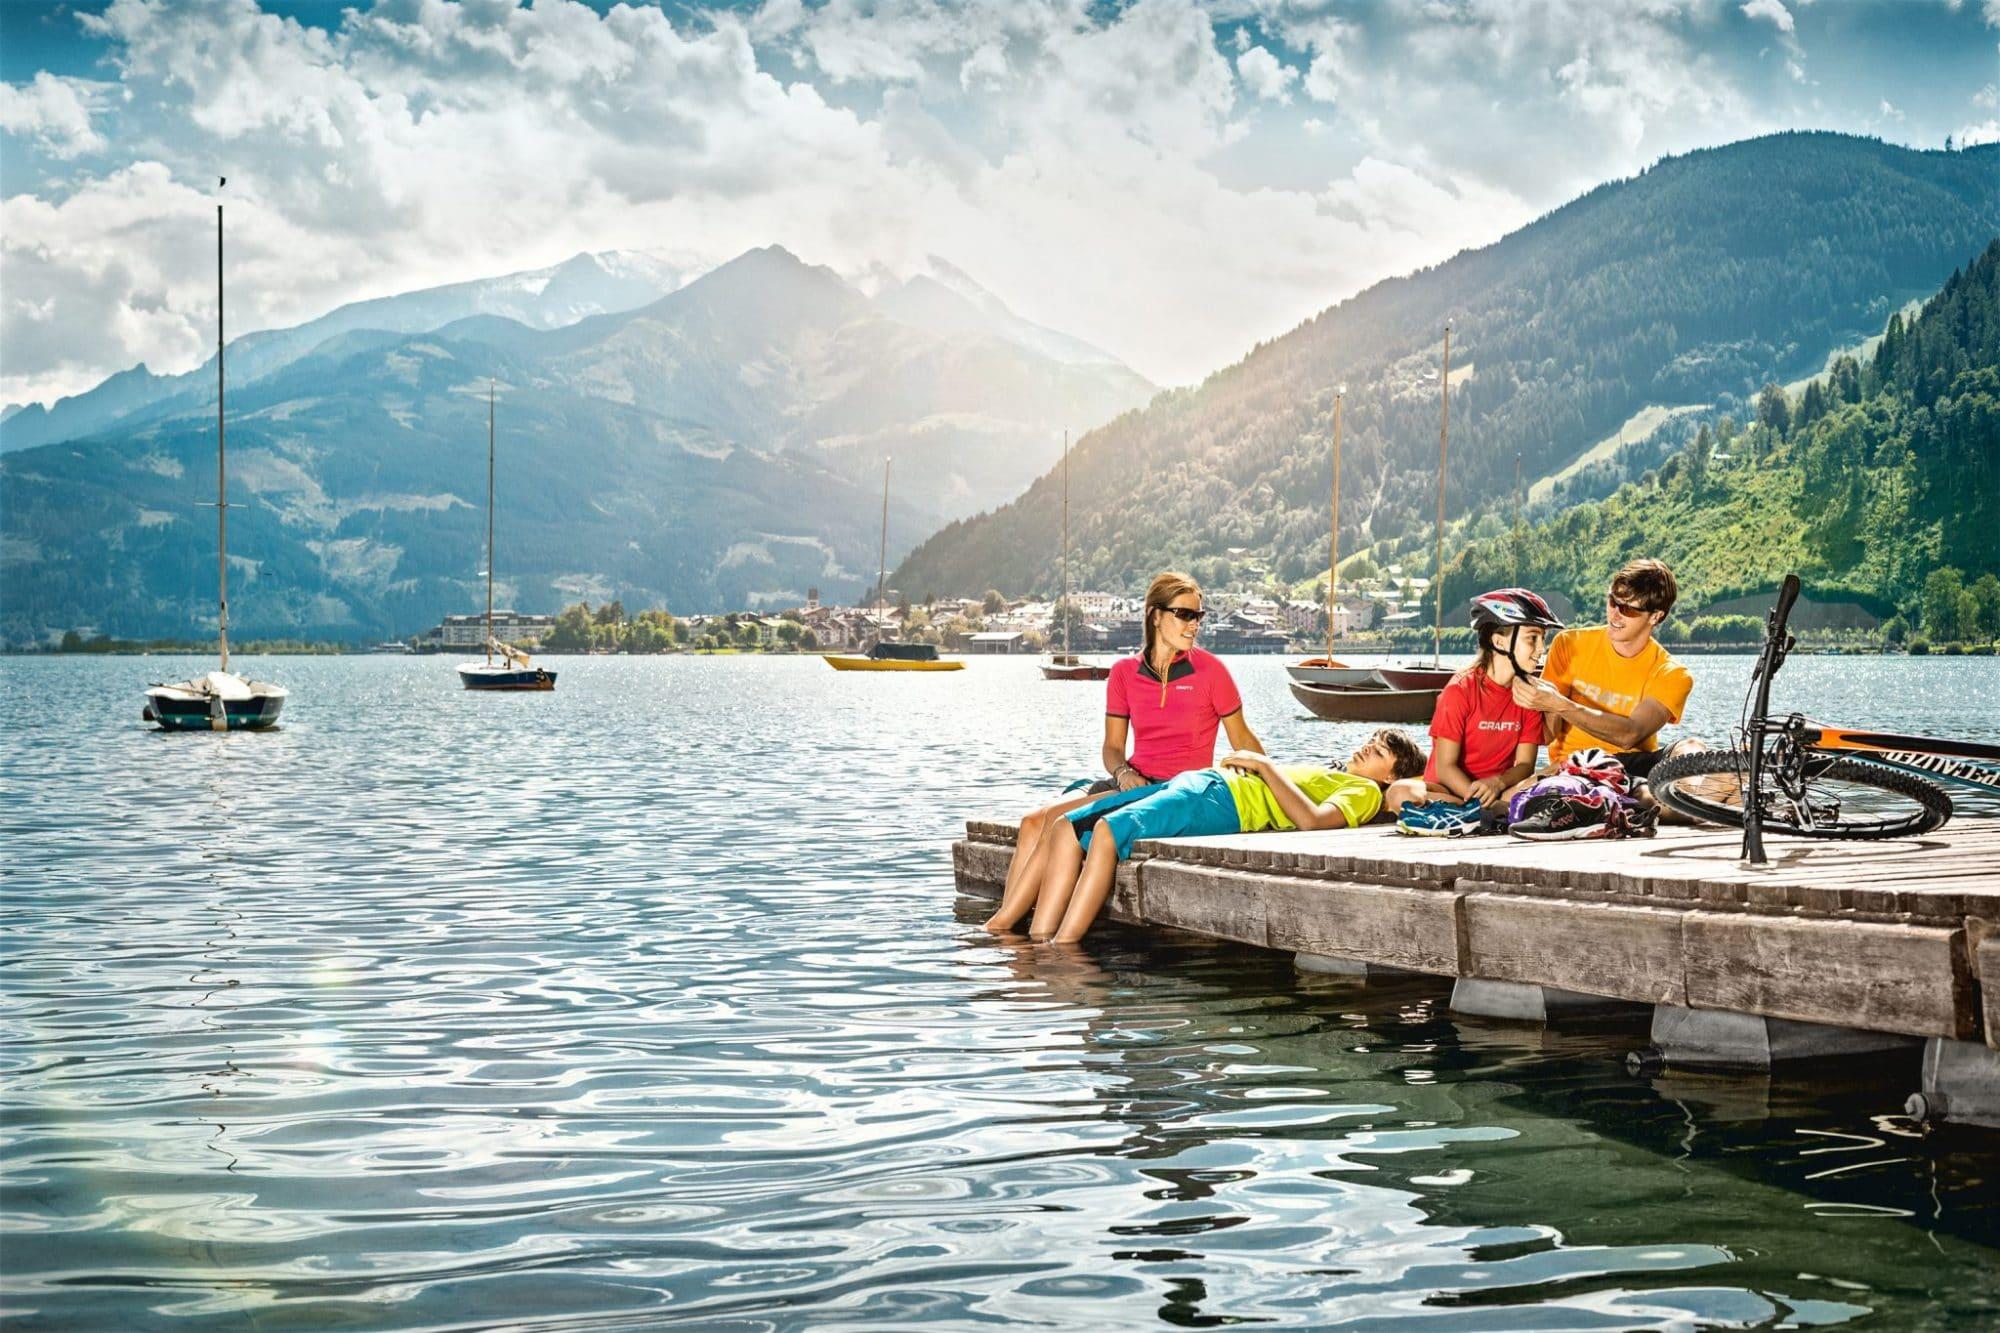 Tauernradweg Zwischenstopp am Zeller See (c) SalzburgerLand/Markus Greber